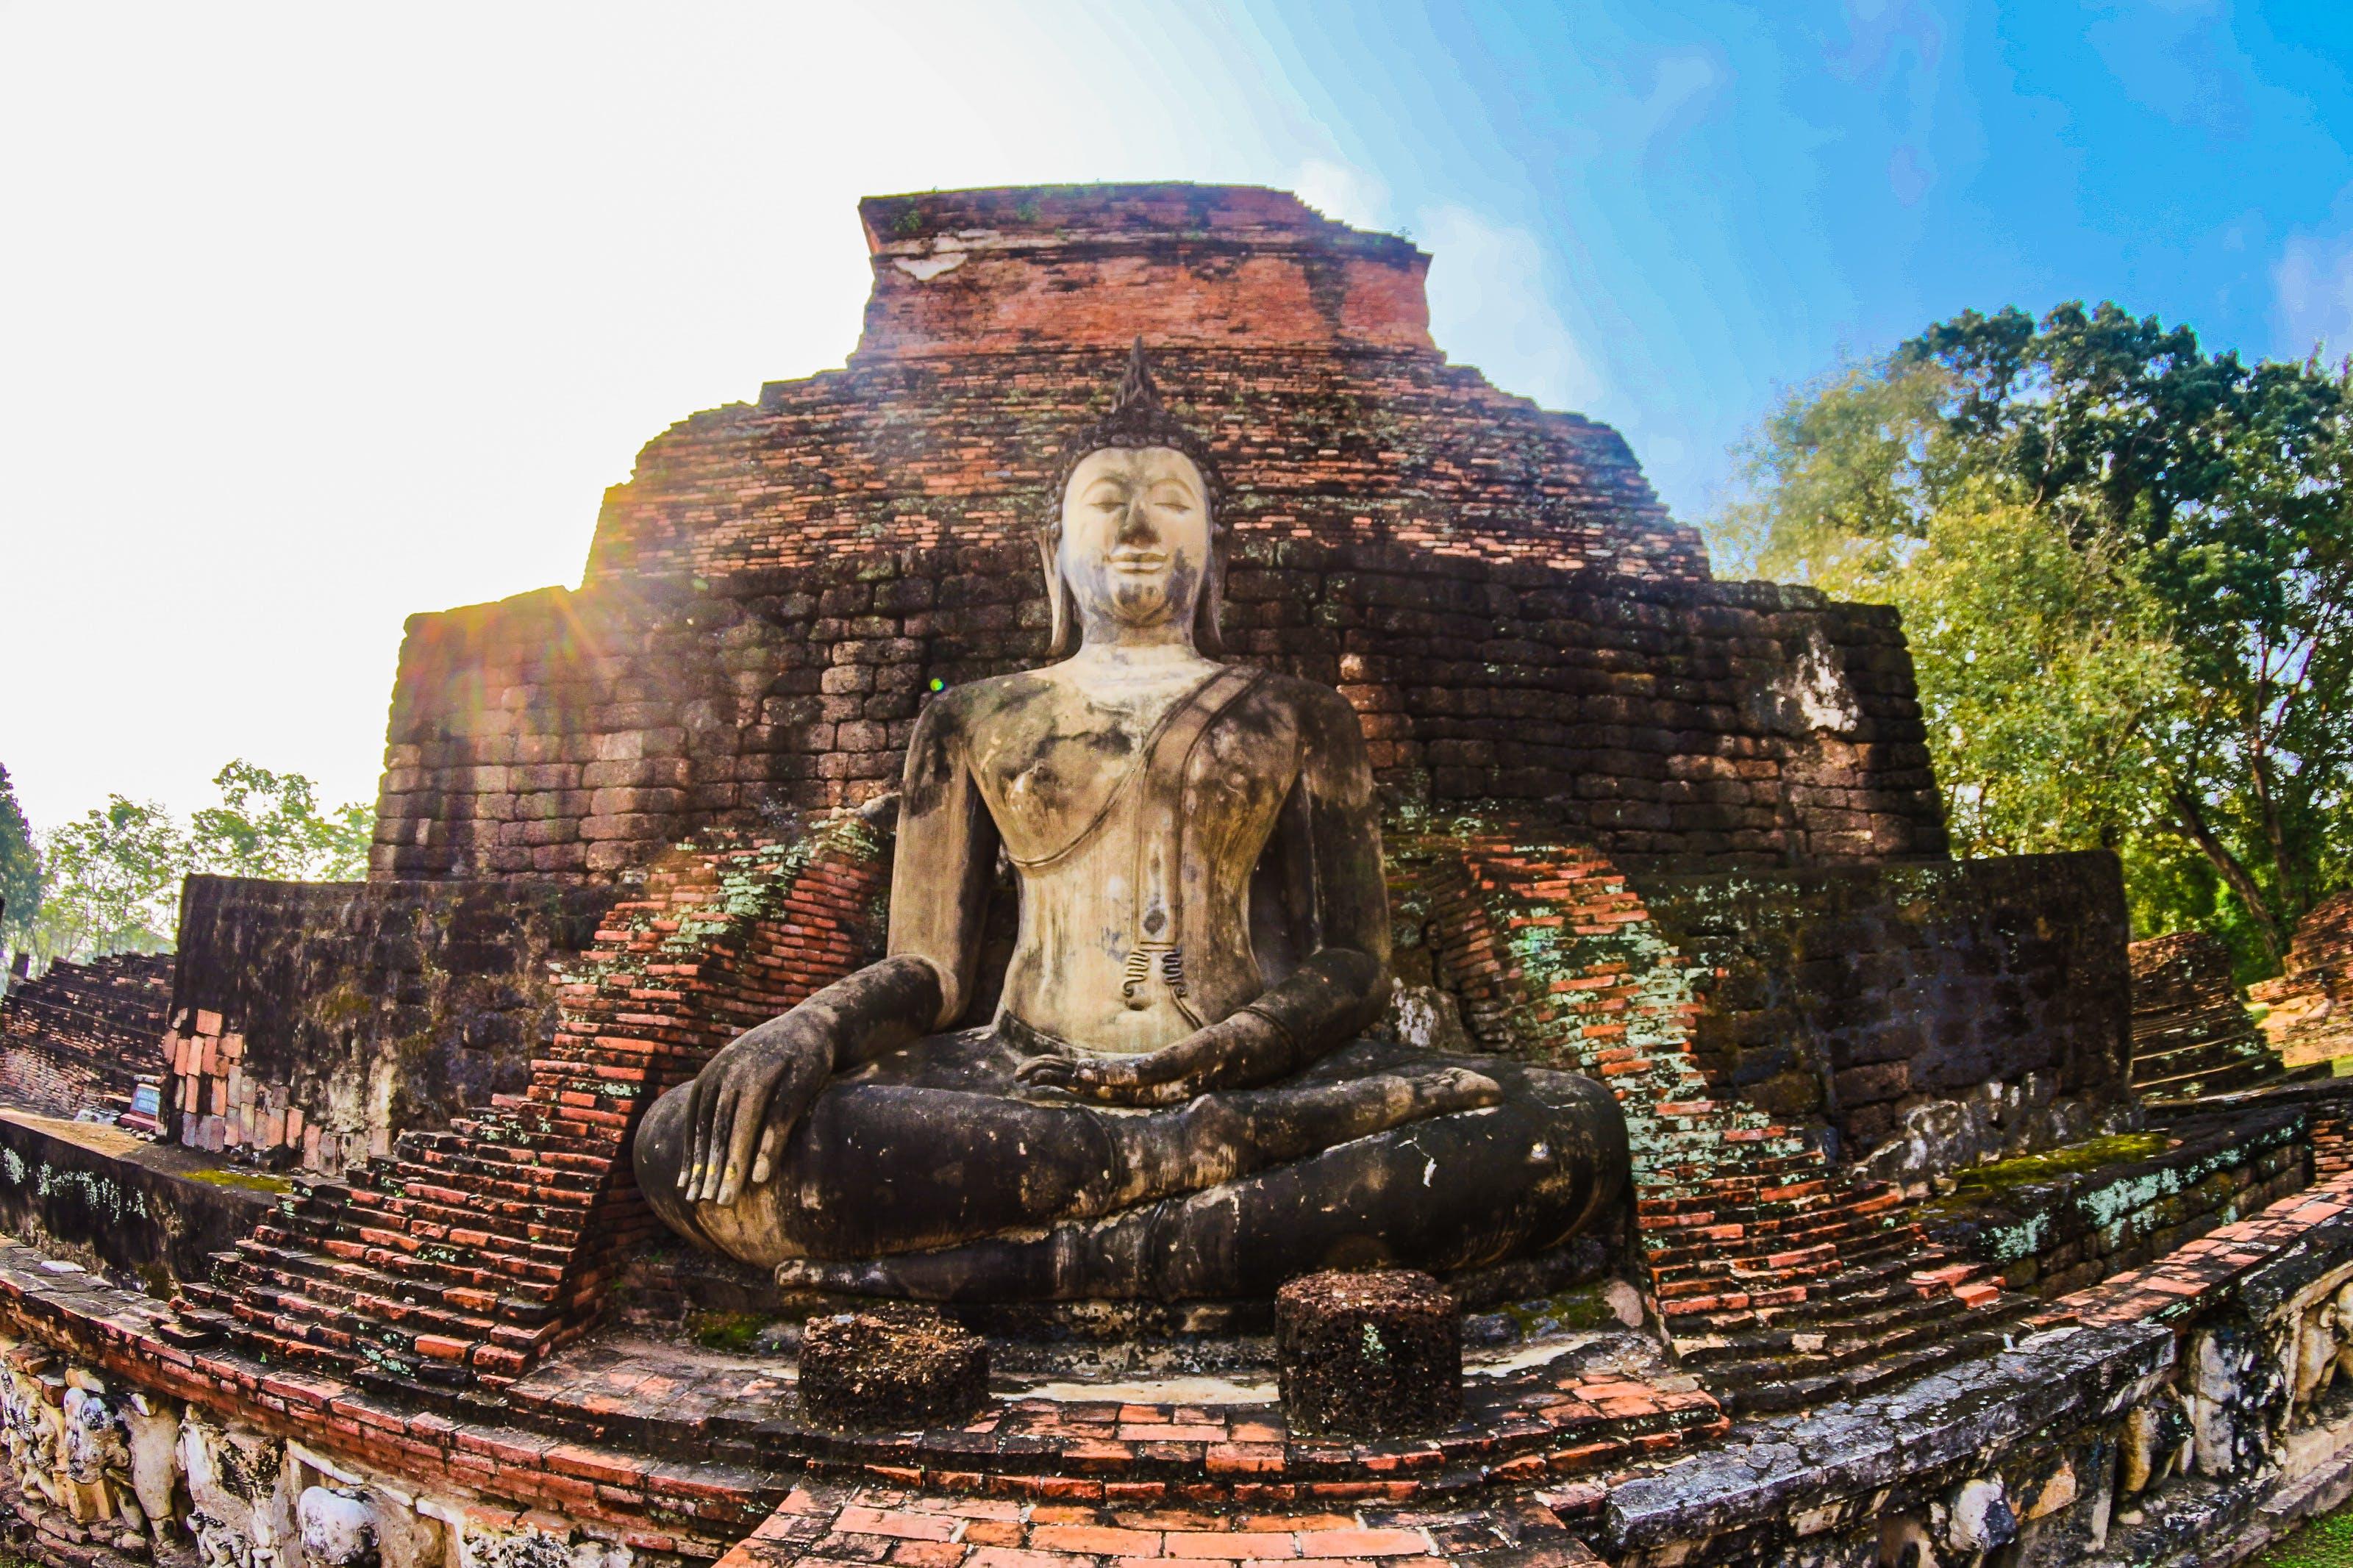 Δωρεάν στοκ φωτογραφιών με άγαλμα, αρχαιολογία, αρχαίος, αρχιτεκτονική